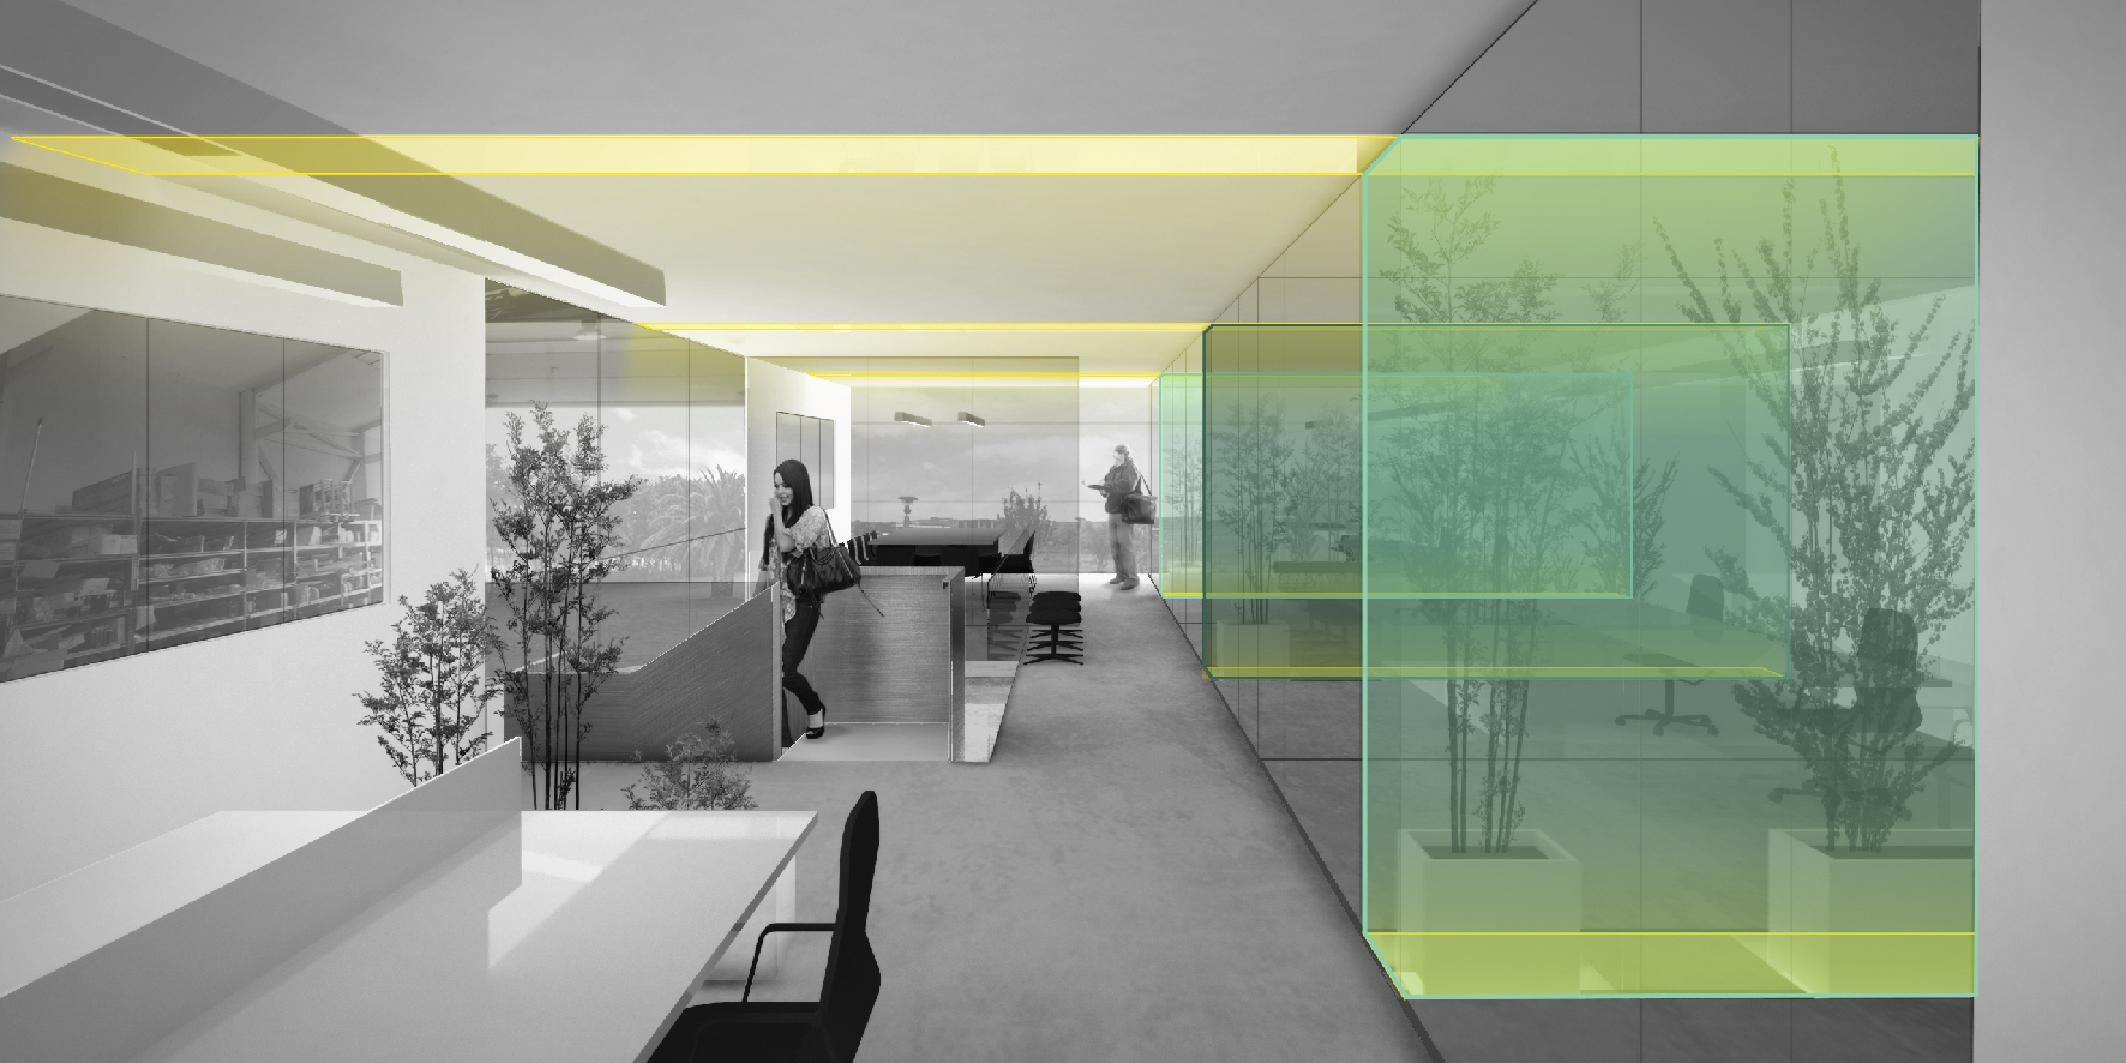 estudiobher_arquitectos_adecuacióndeoficinas_lloreda_gijón_asturias_diseño_design_vidrio_glass_01.jpg